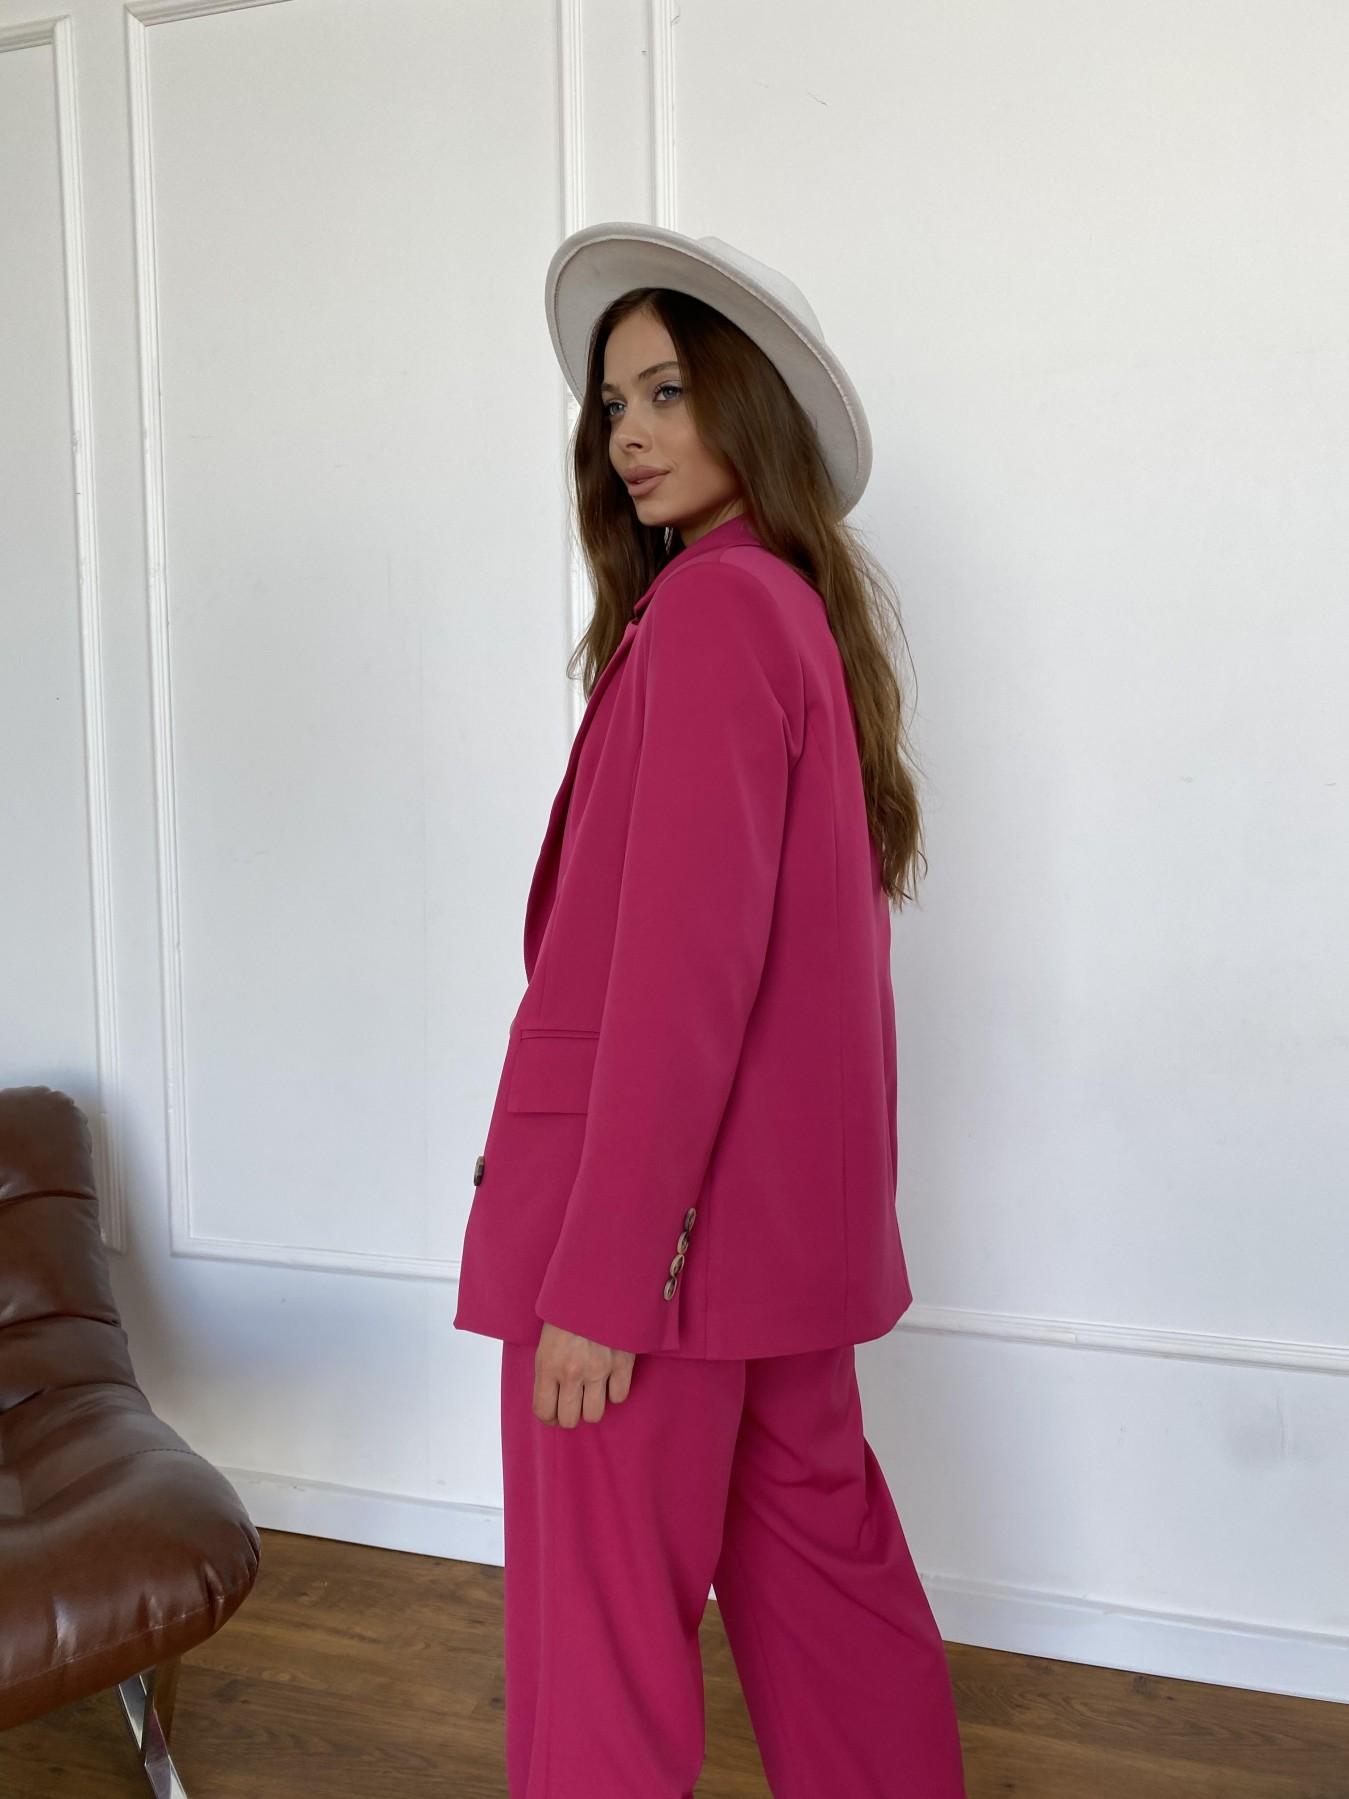 Белисимо  костюм стрейч из костюмной ткани 11217 АРТ. 47818 Цвет: Малиновый 2 - фото 7, интернет магазин tm-modus.ru